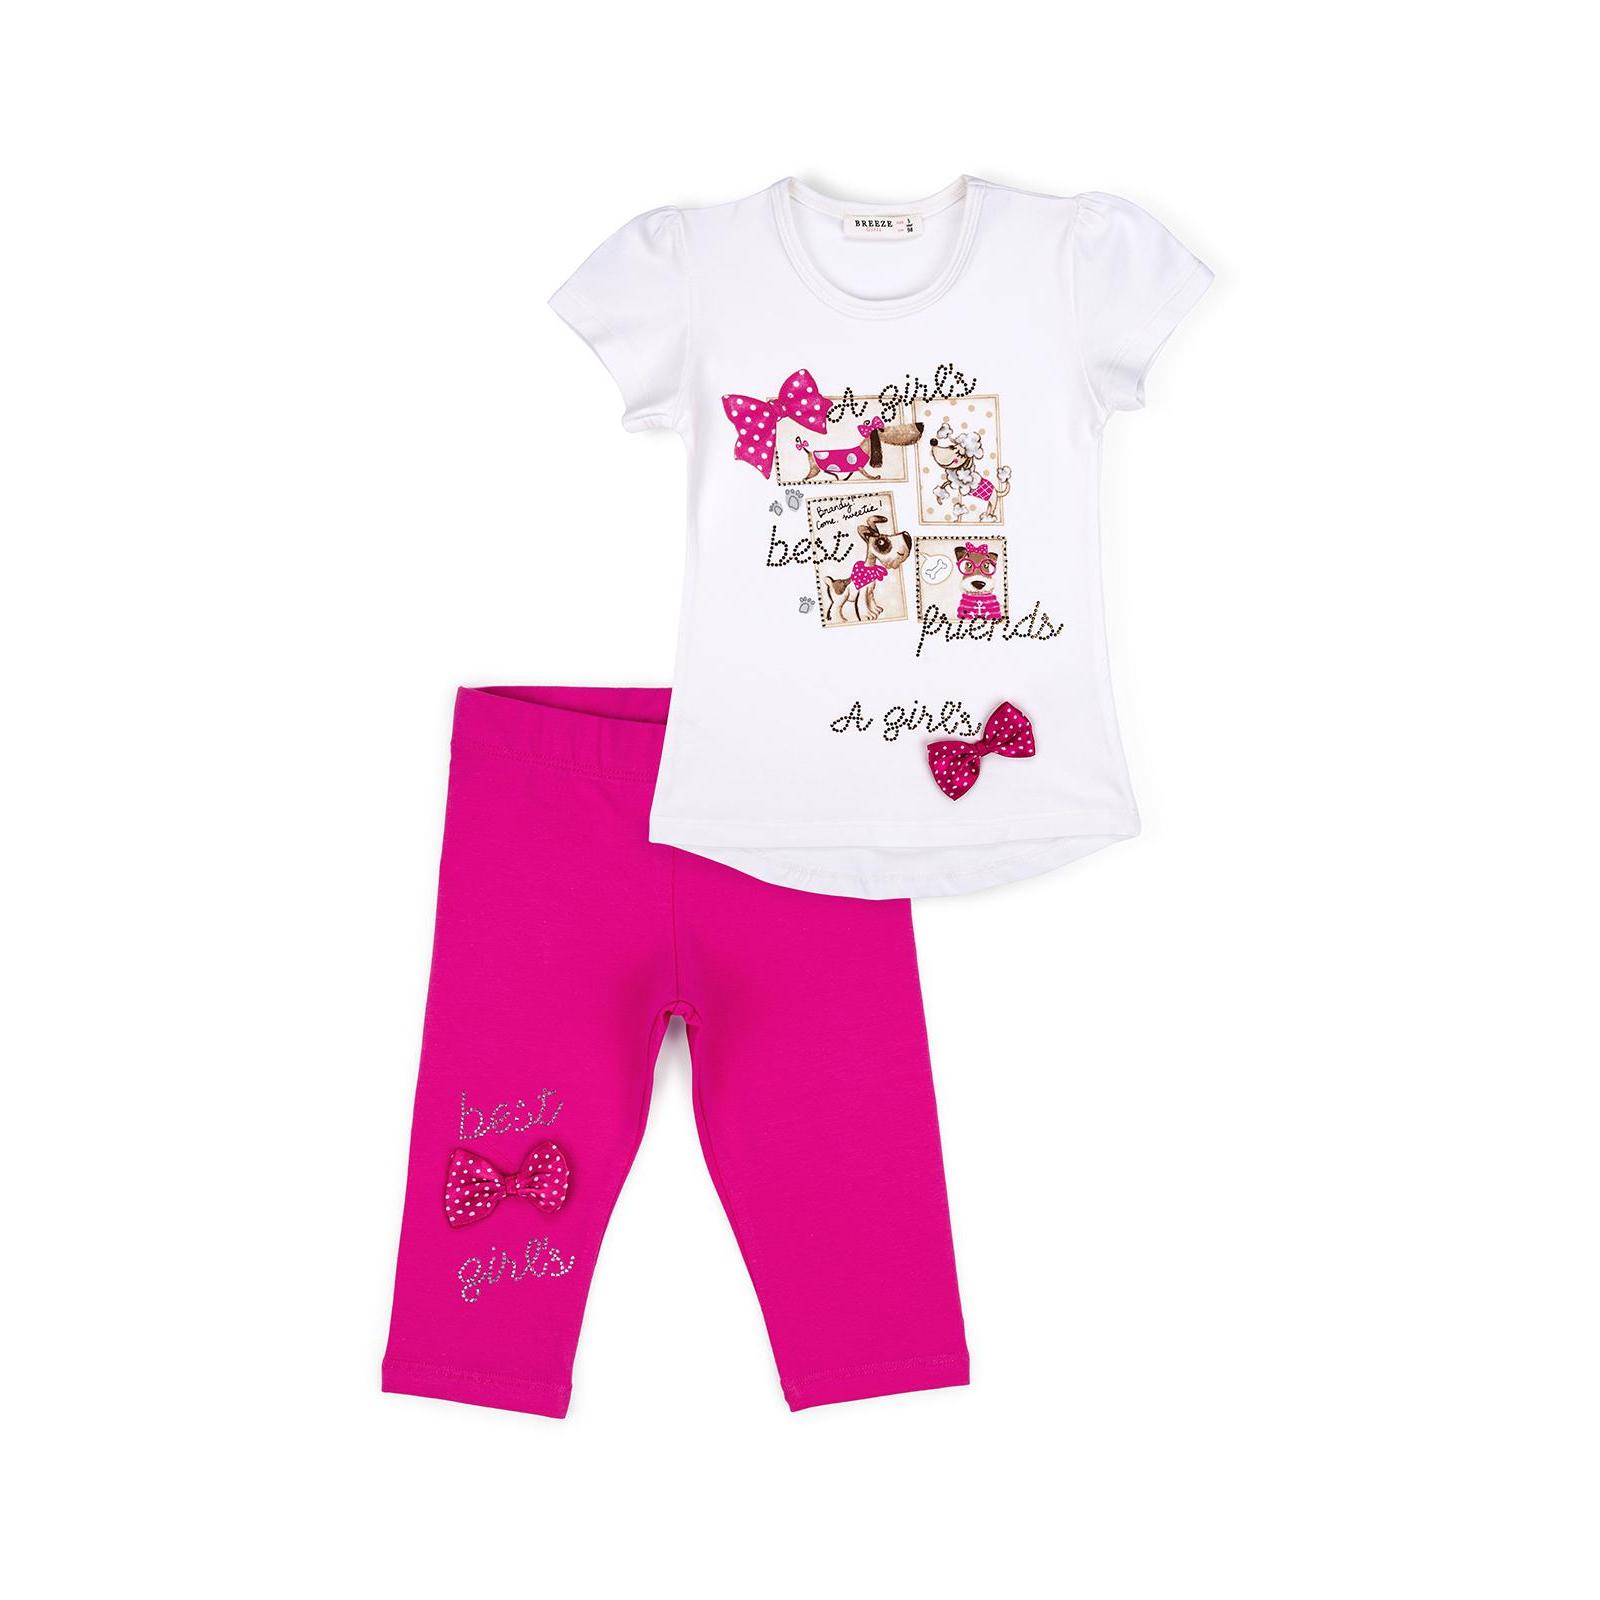 Футболка детская Breeze и капри с собачками и бантиками (10244-98G-pink)